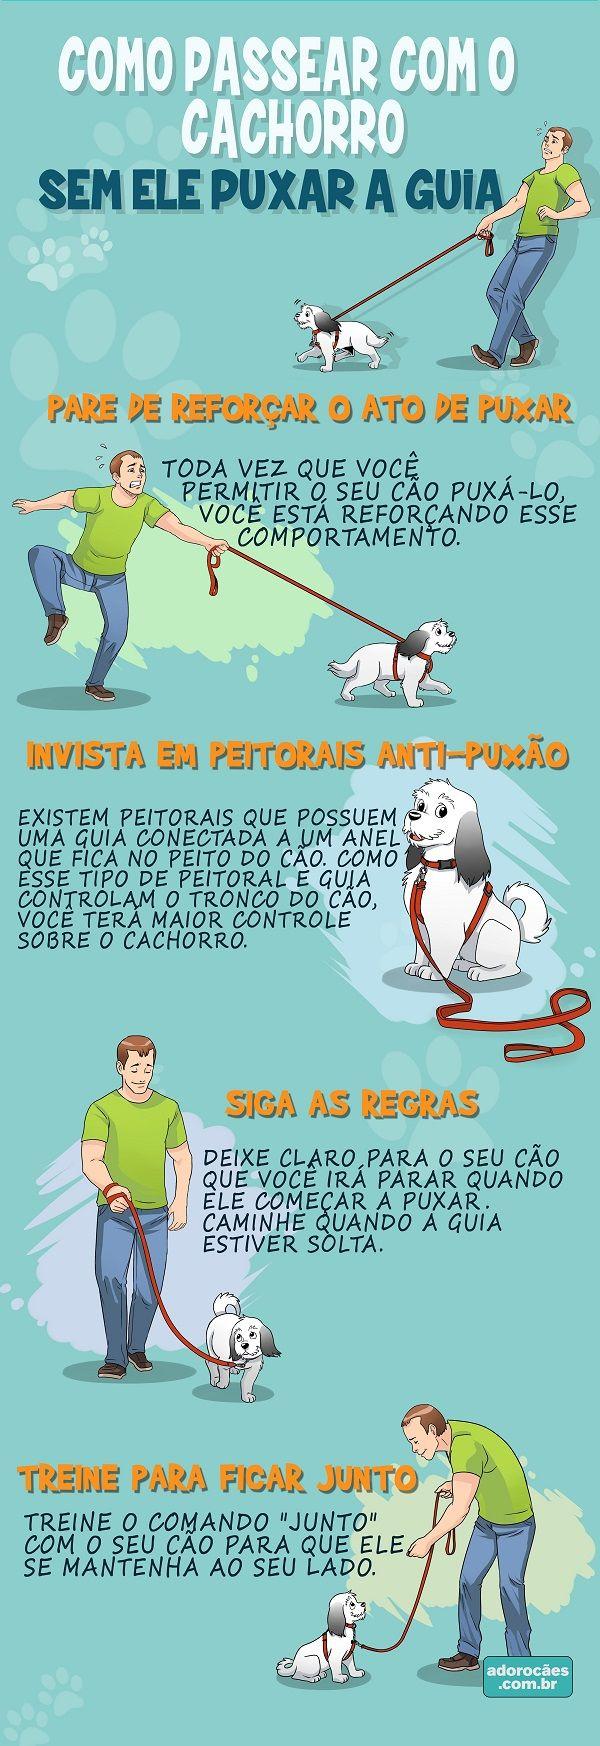 Como Ensinar o Cachorro a Passear Sem Puxar a Guia - http://www.adorocaes.com.br/como-ensinar-o-cachorro-a-passear